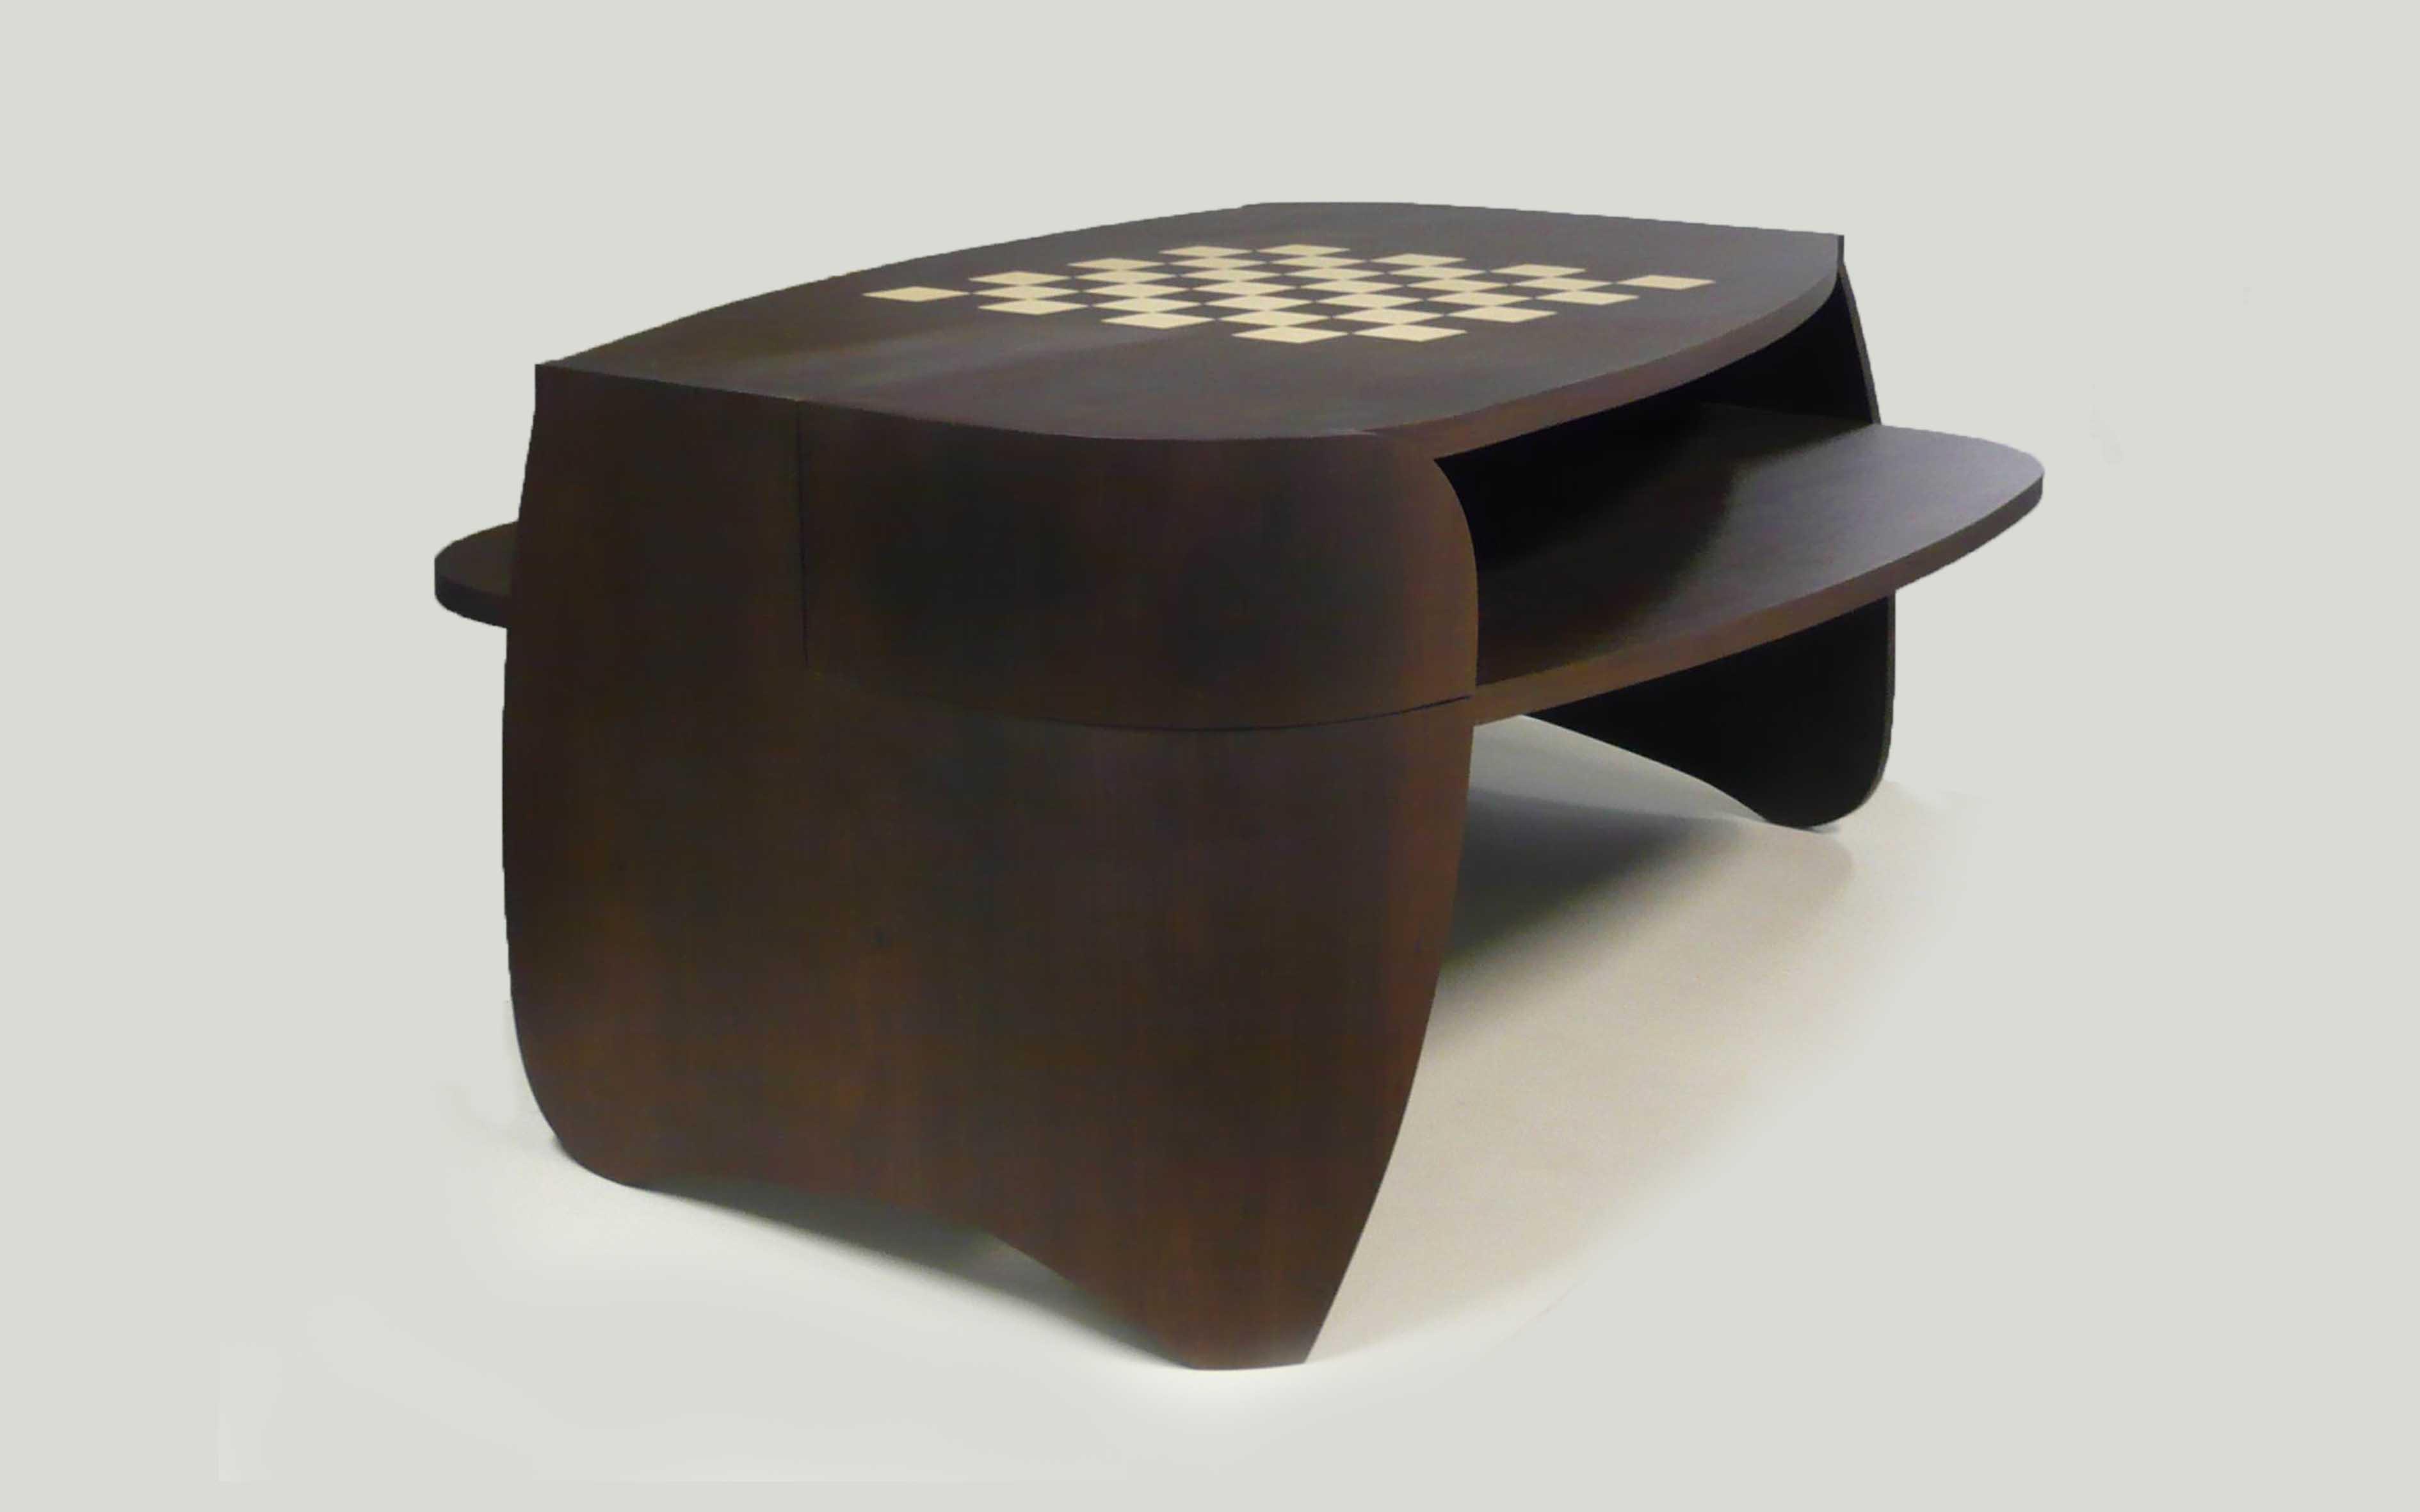 b niste cr ateur fabricant de mobilier contemporain atelier helbecque 94 ile de france paris. Black Bedroom Furniture Sets. Home Design Ideas